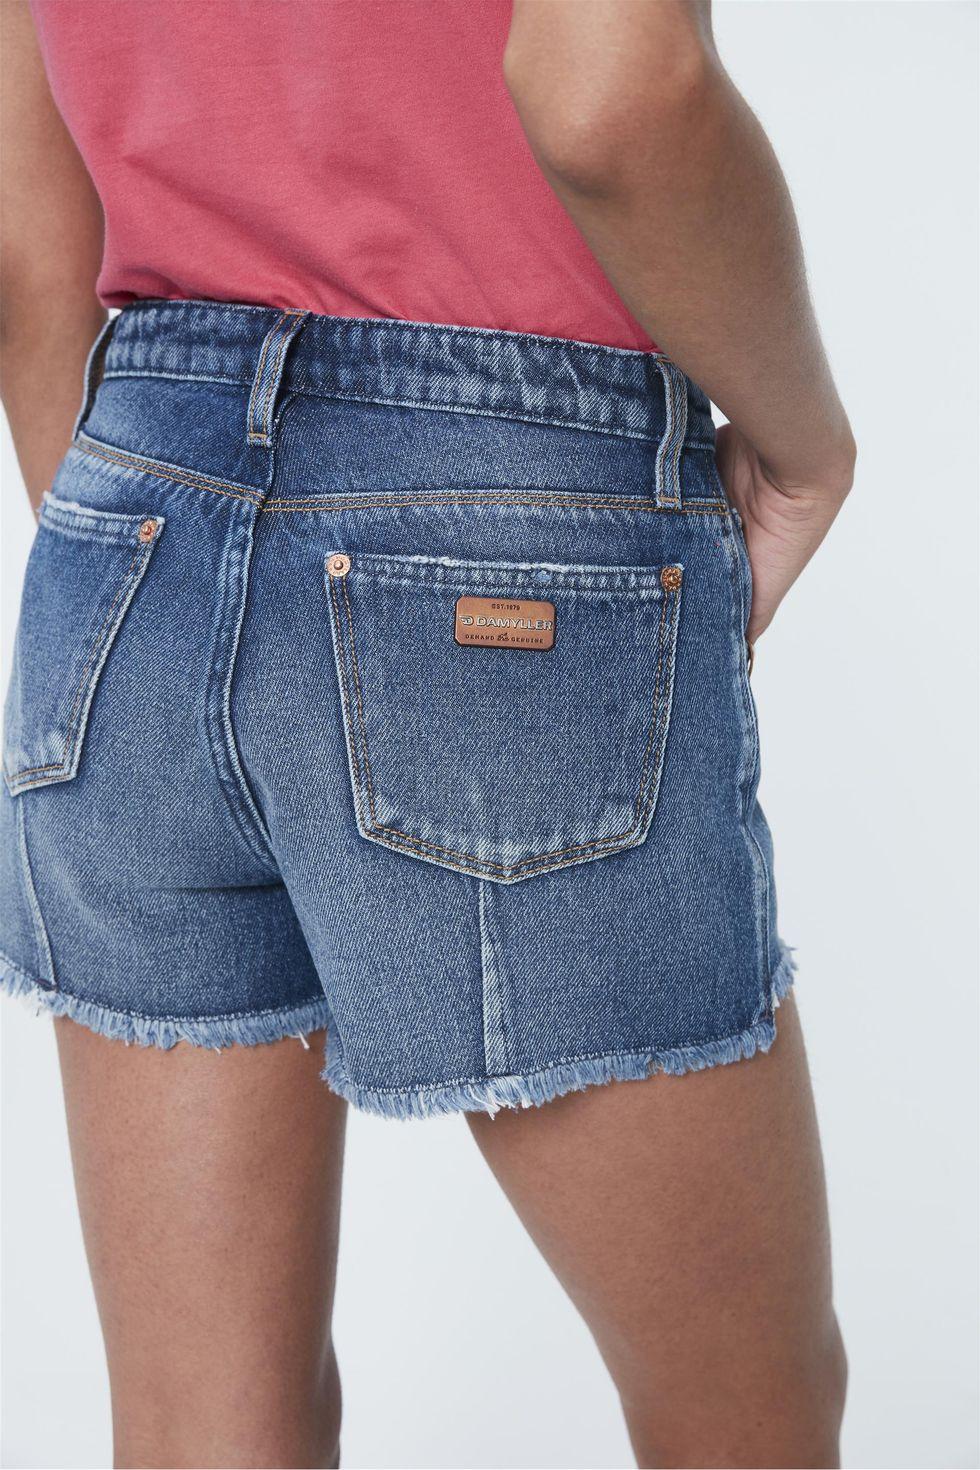 Short-Jeans-Mini-de-Cintura-Alta-Solto-Detalhe--